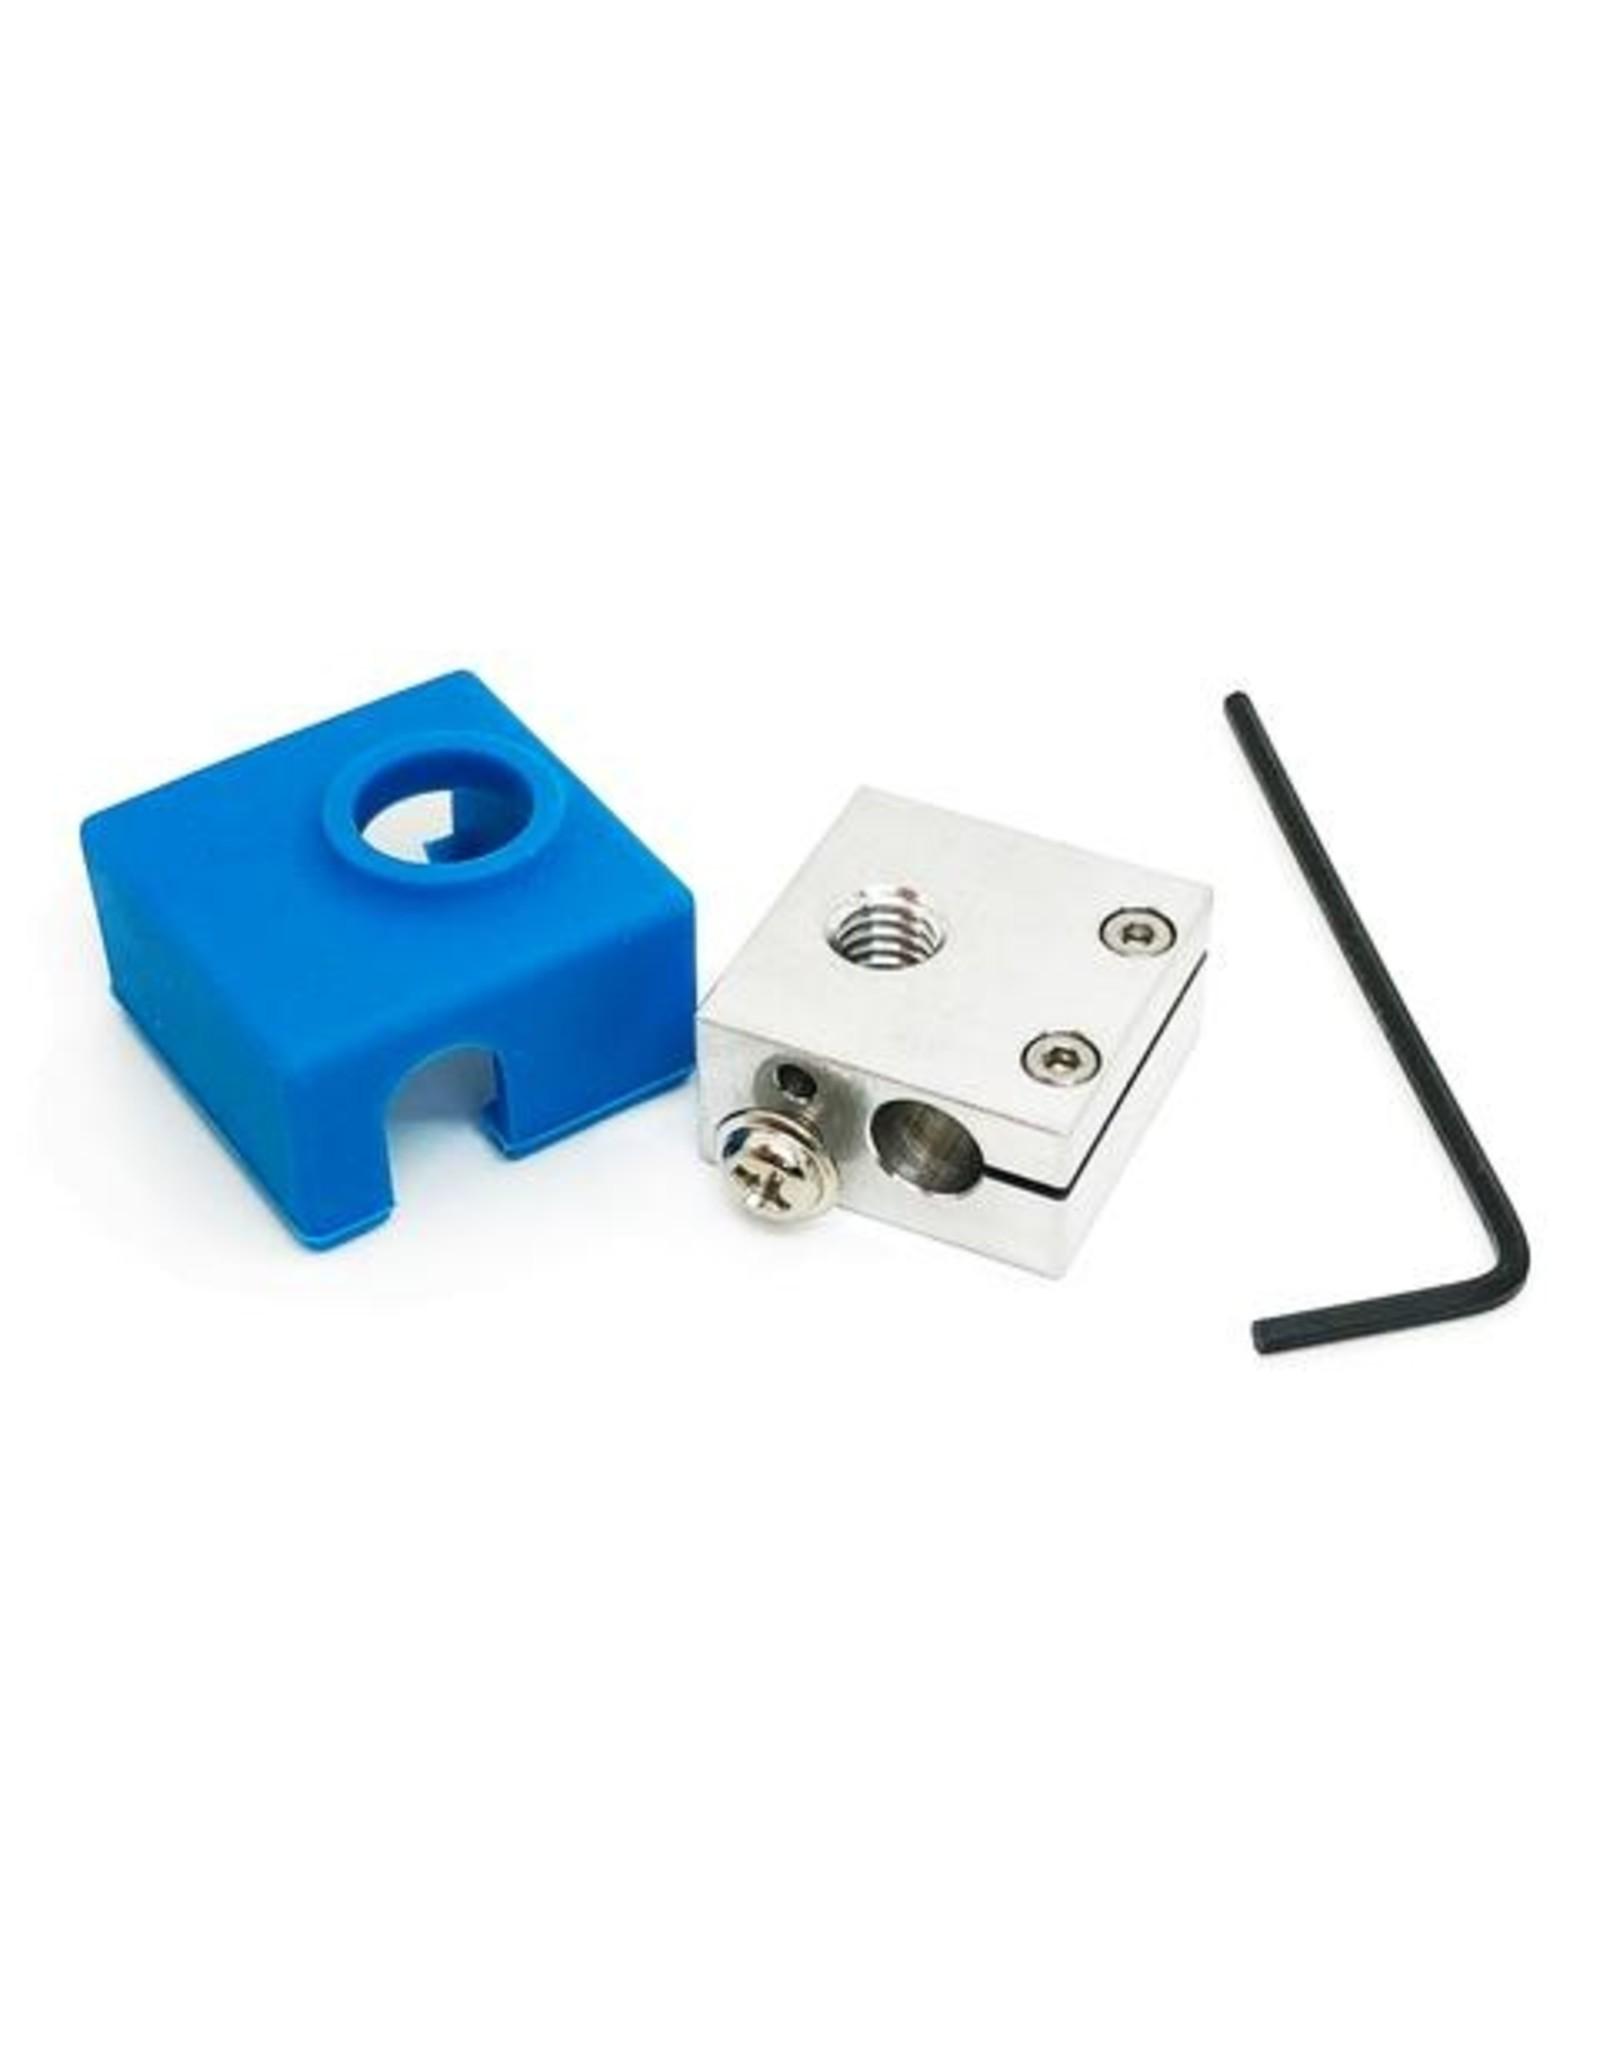 Micro Swiss Verwarmingsblok upgrade met siliconen sok voor CR10 / Ender 2 en 3